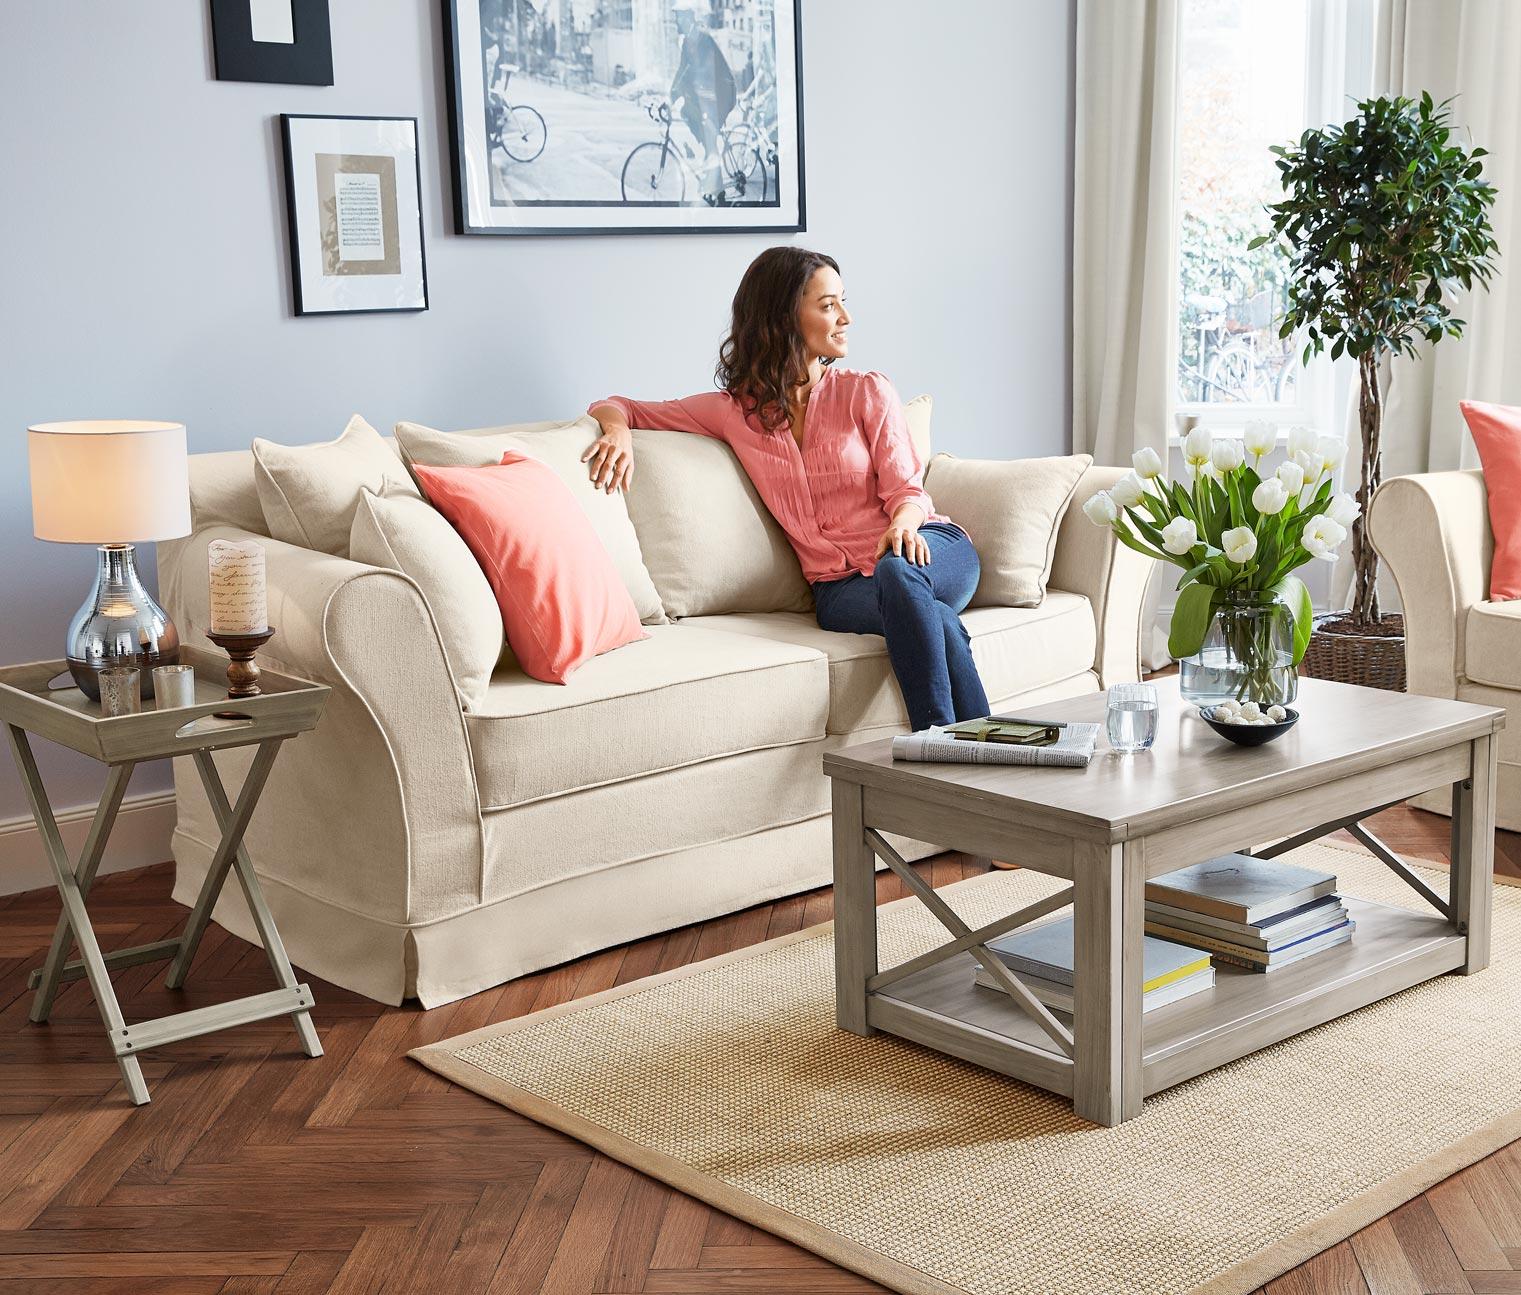 sofa cremefarben von tchibo inkl kissen nur 699 cherry m bel tchibo. Black Bedroom Furniture Sets. Home Design Ideas